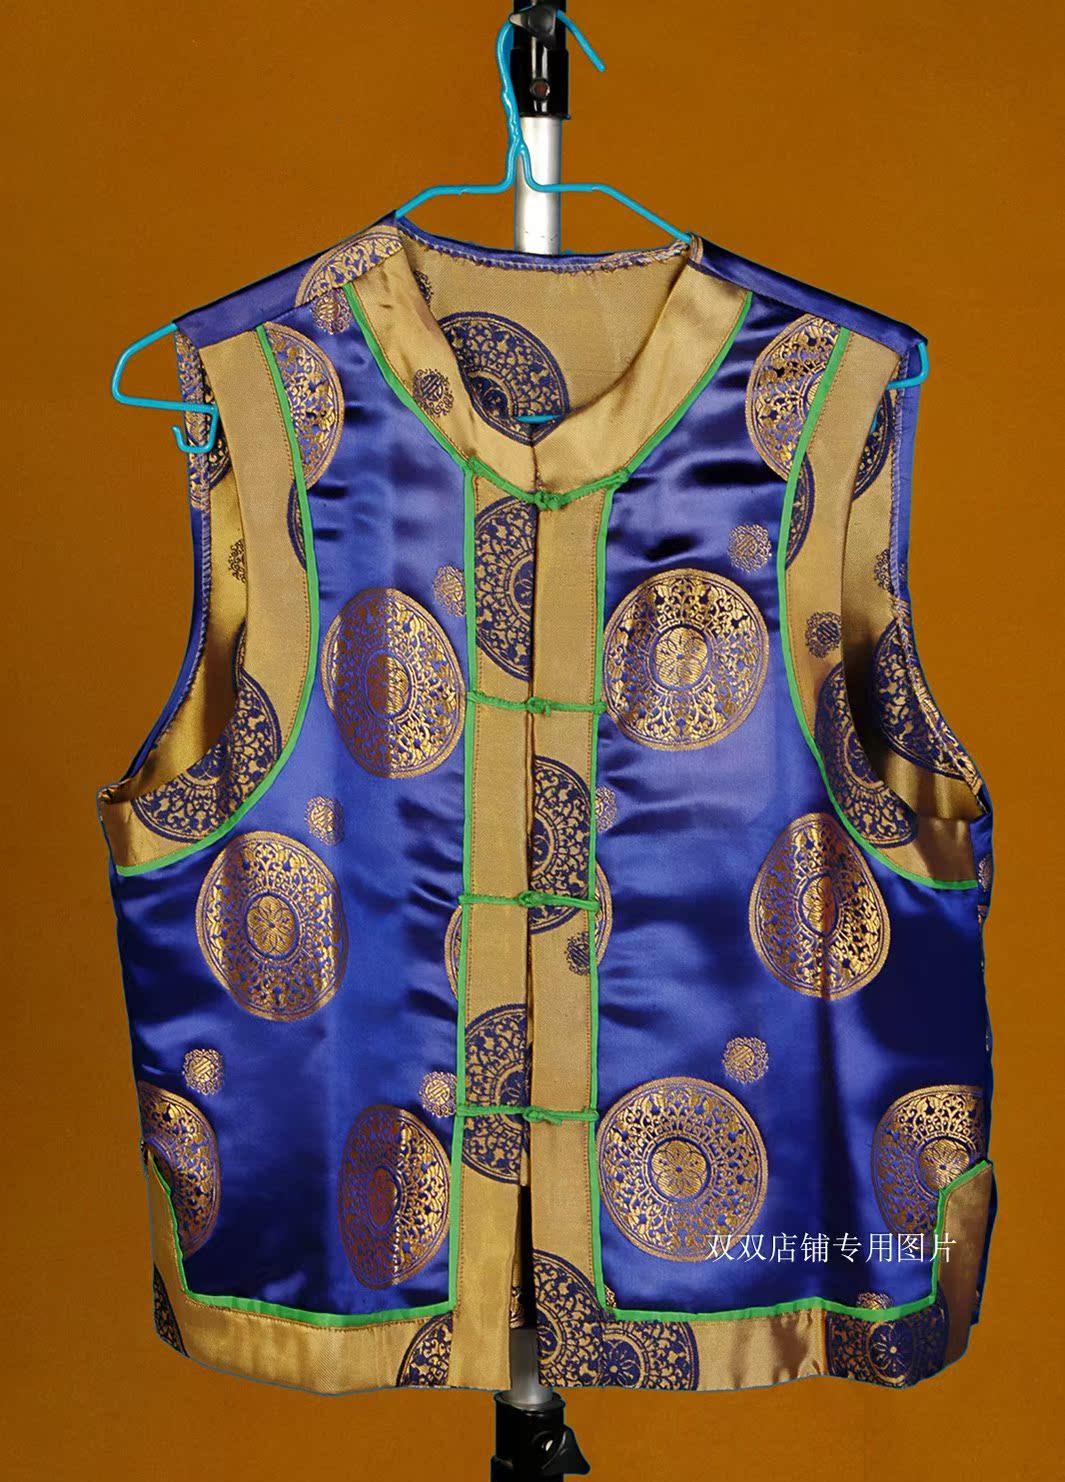 0102 Quần áo nướng bánh mì cũ hiệu suất quần áo chủ nhà quần áo cộng với kích thước nam Tang phù hợp với trang phục vest - Lót